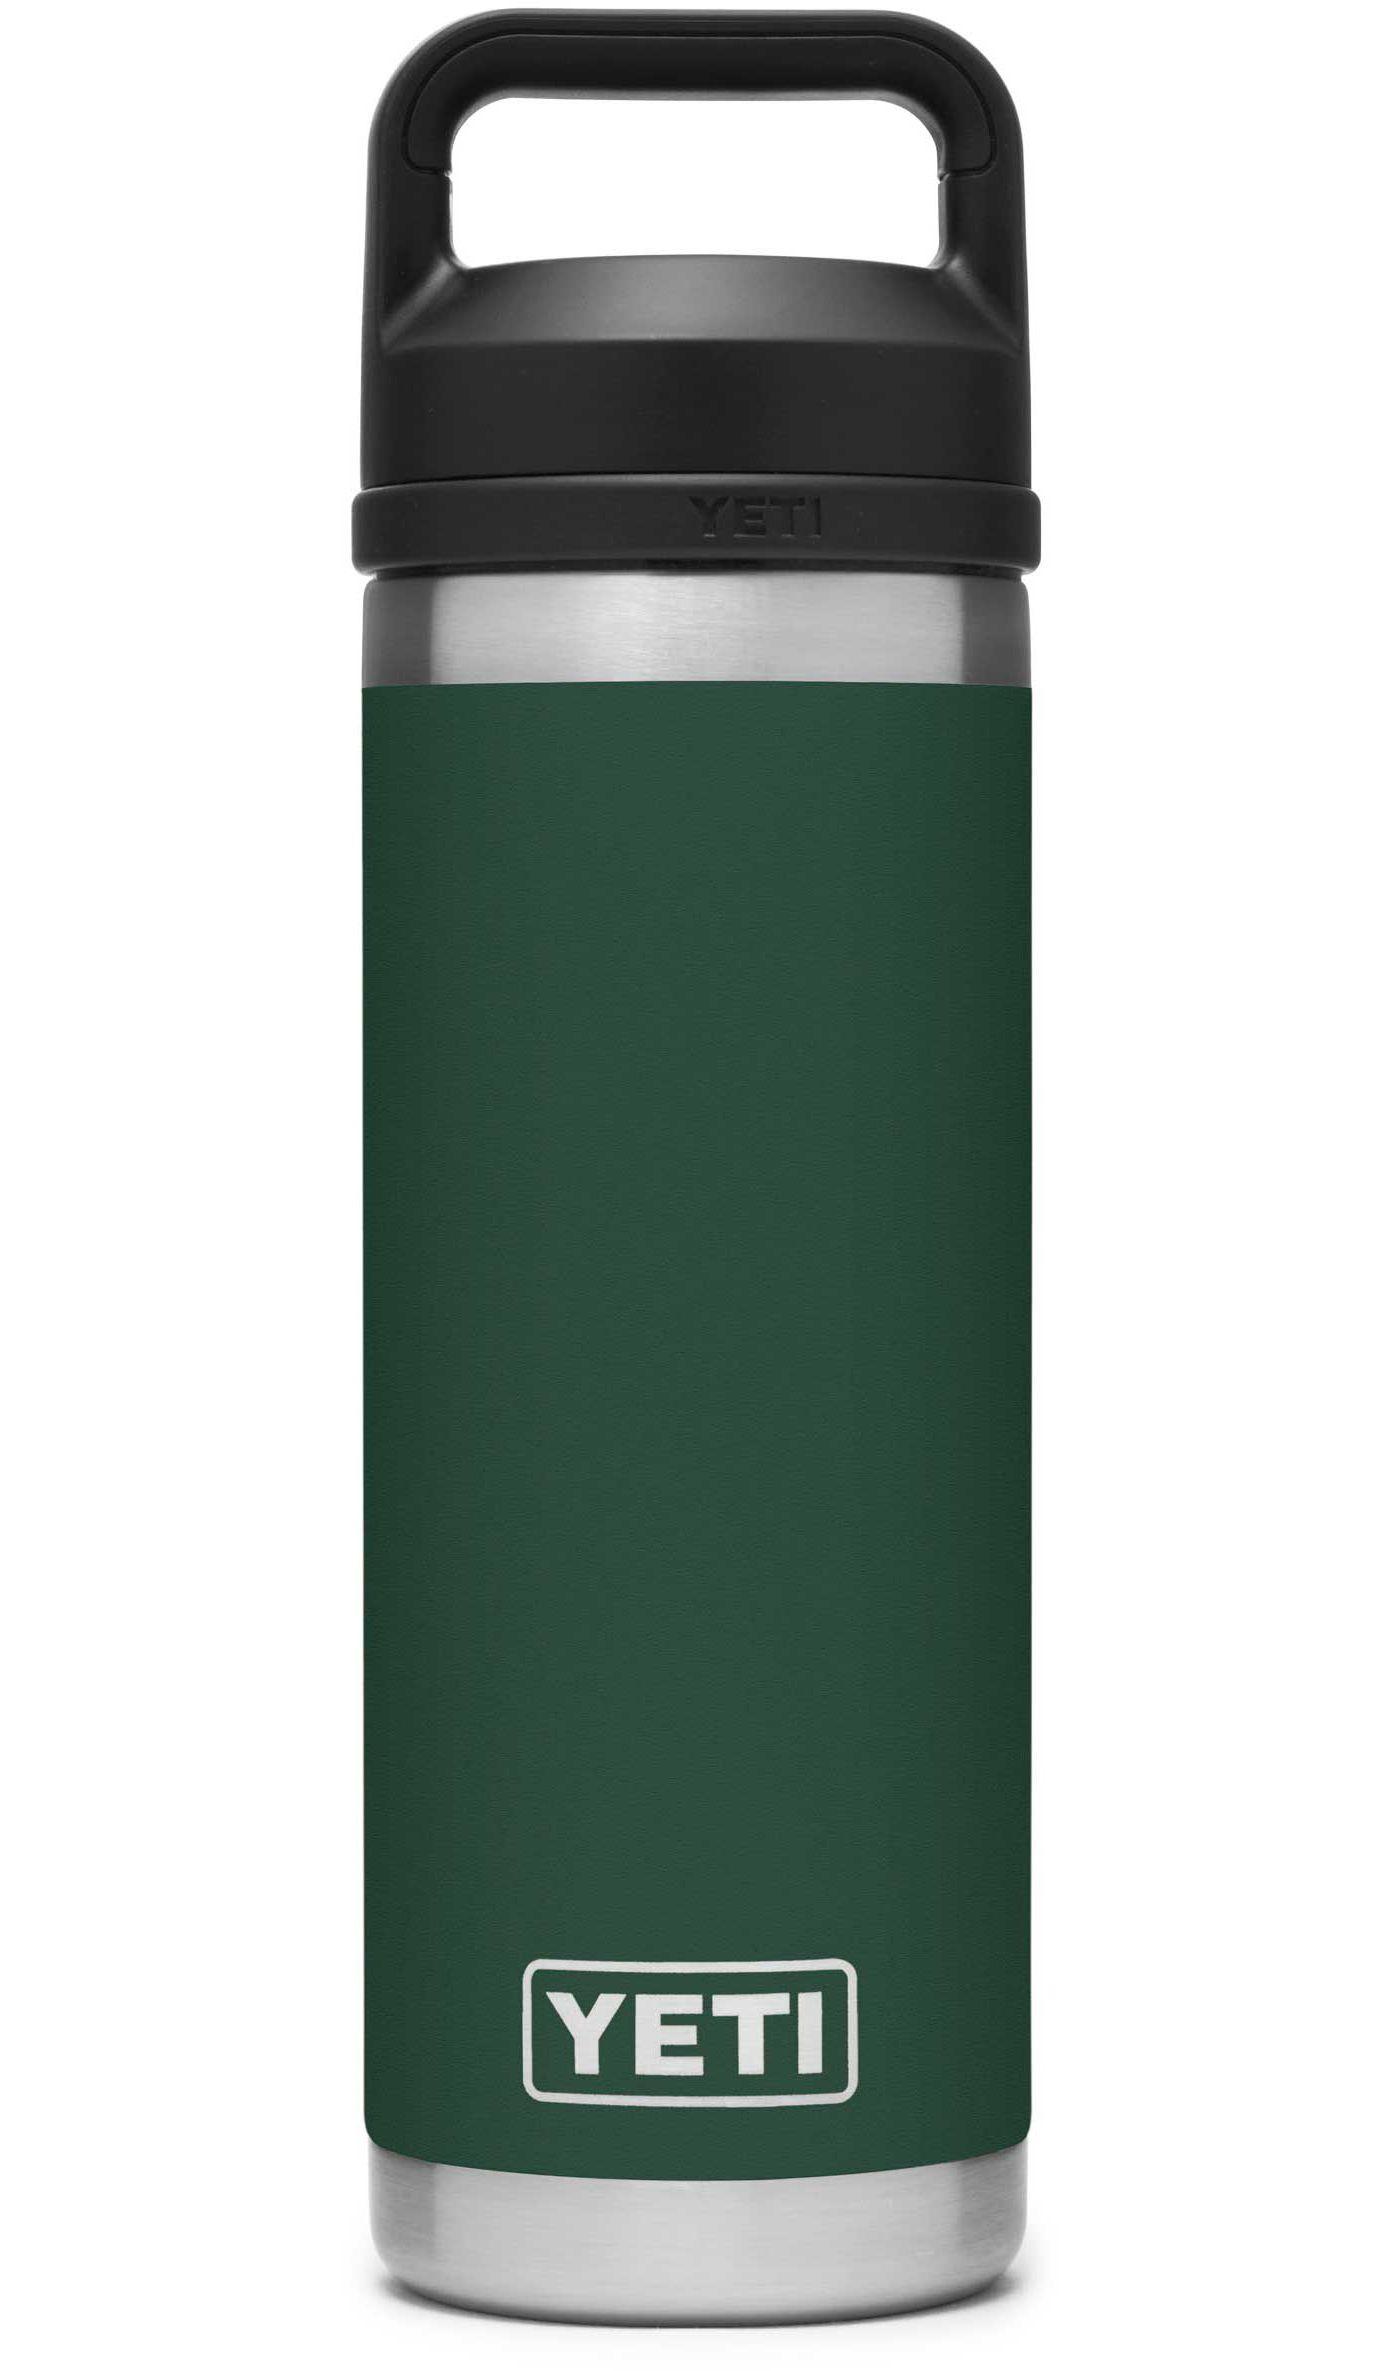 YETI 18 oz. Rambler Bottle with Chug Cap